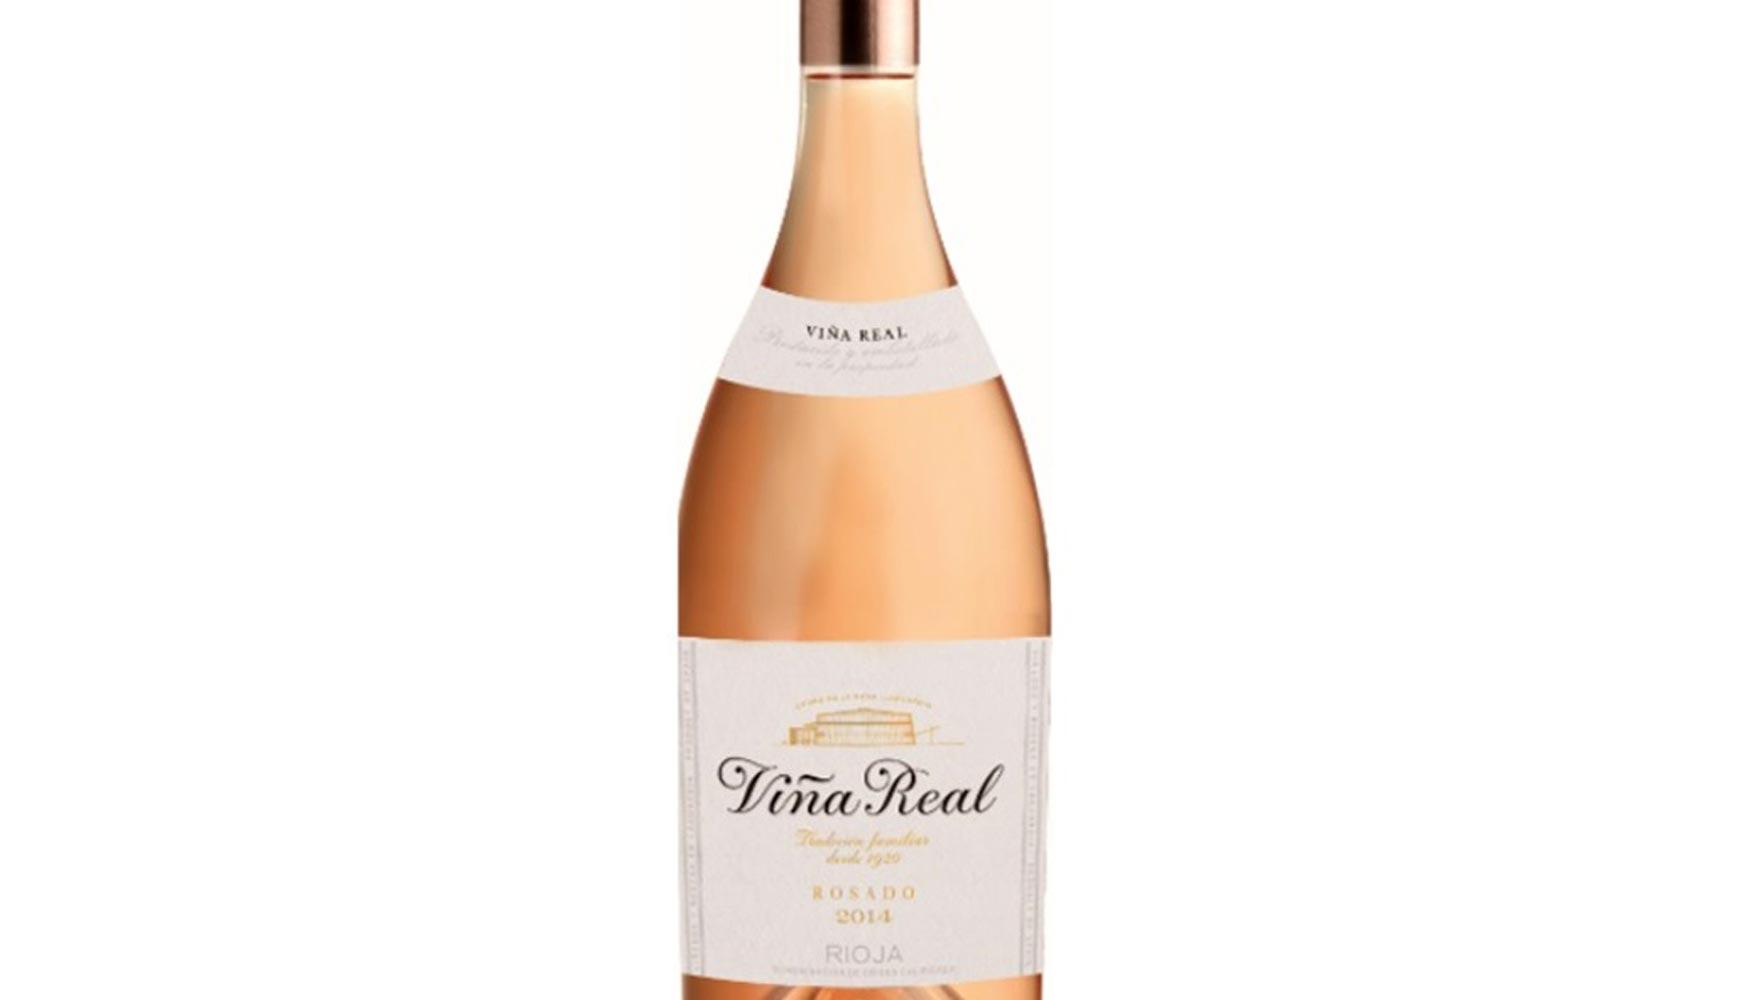 158b33cbd04 Los aficionados al rosado están de enhorabuena. Viña Real ha lanzado su  primer rosado, Viña Real Rosado 2014, que conserva la elegancia de los Viña  Real ...